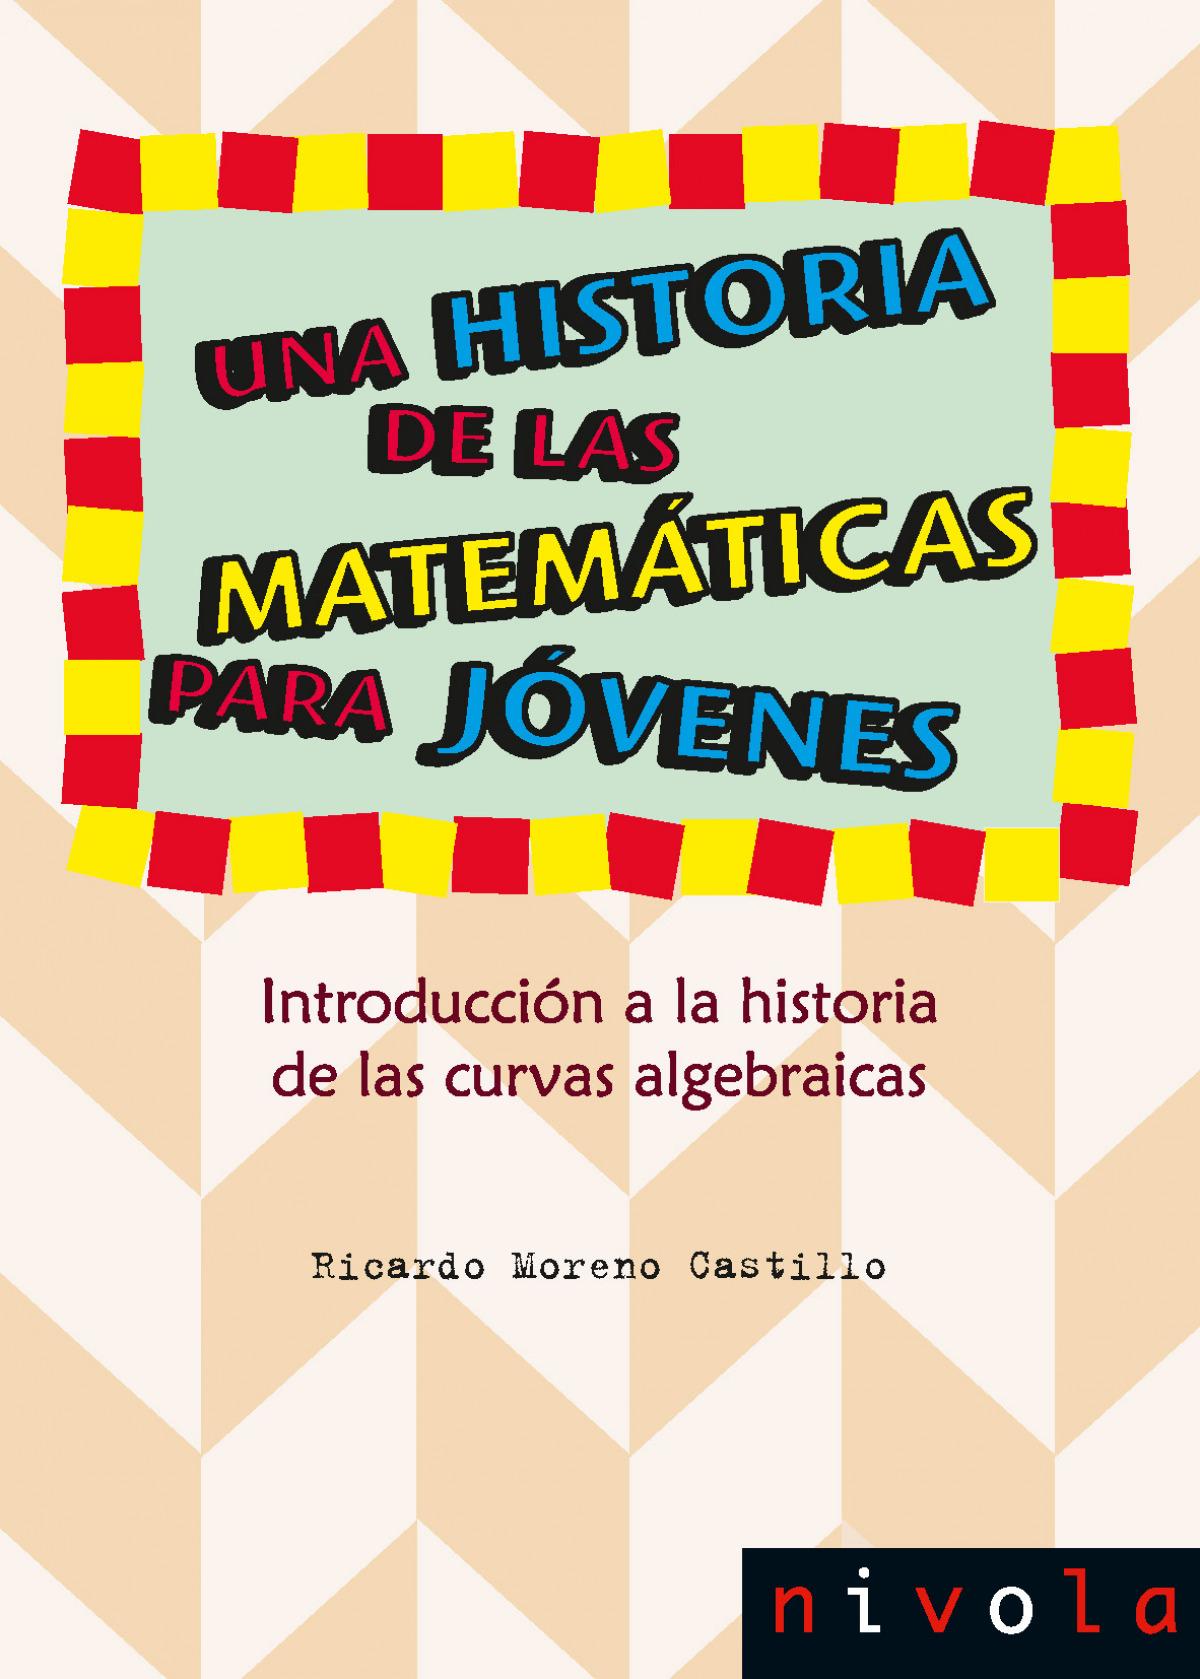 Una historia de las matemáticas para jóvenes. Introducción a la historia de las curvas algebraicas